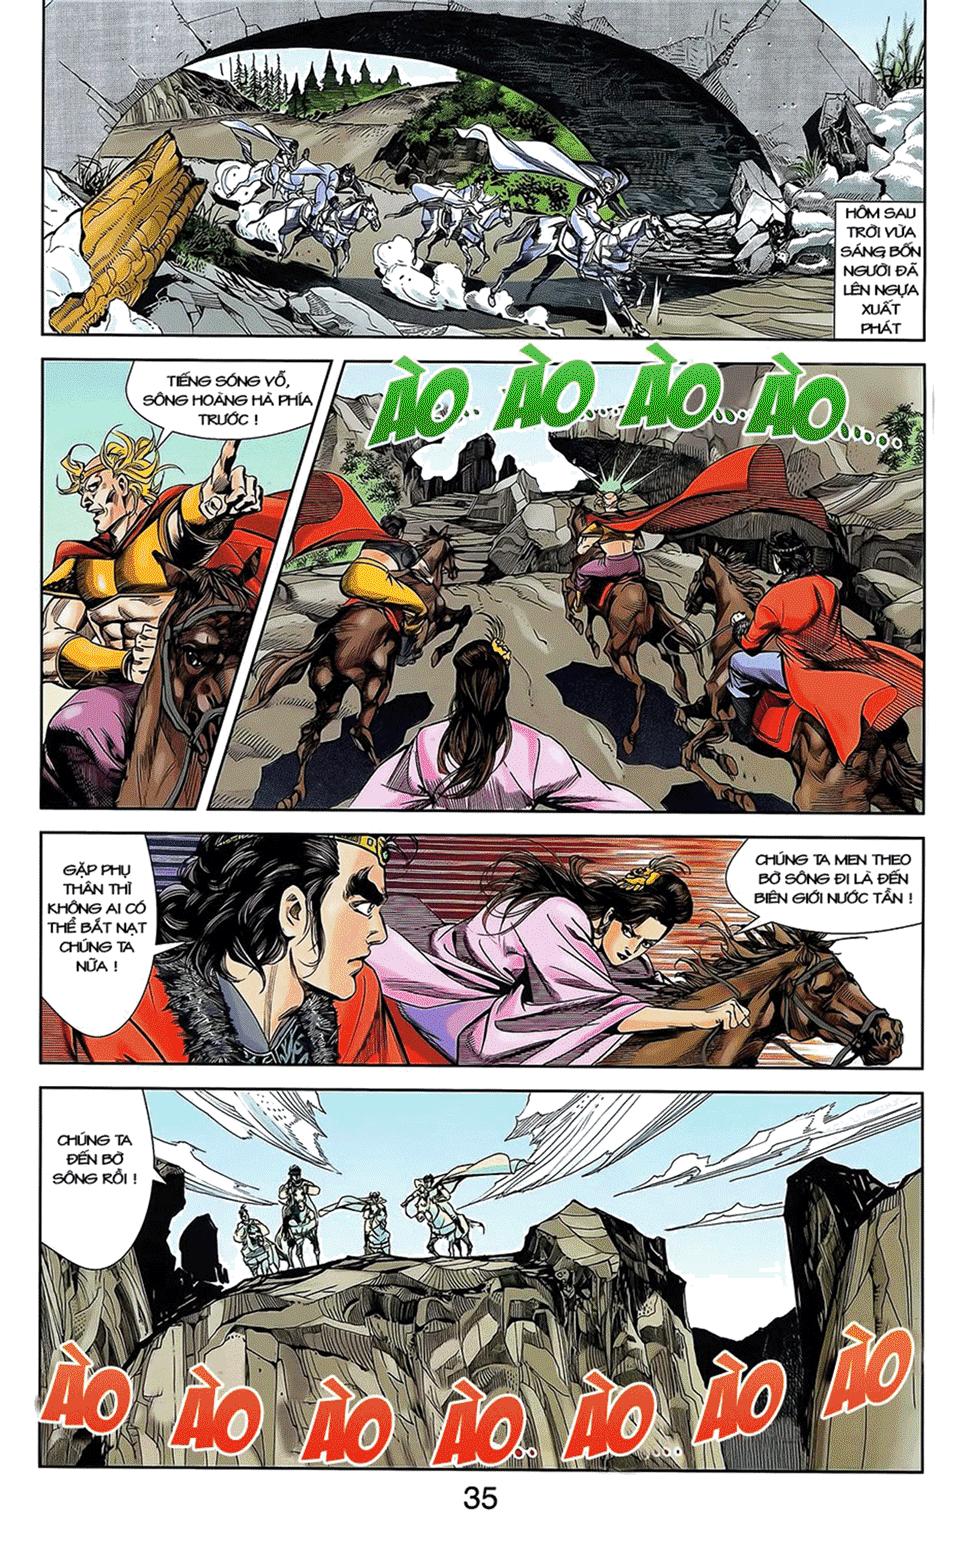 Tần Vương Doanh Chính chapter 12 trang 25